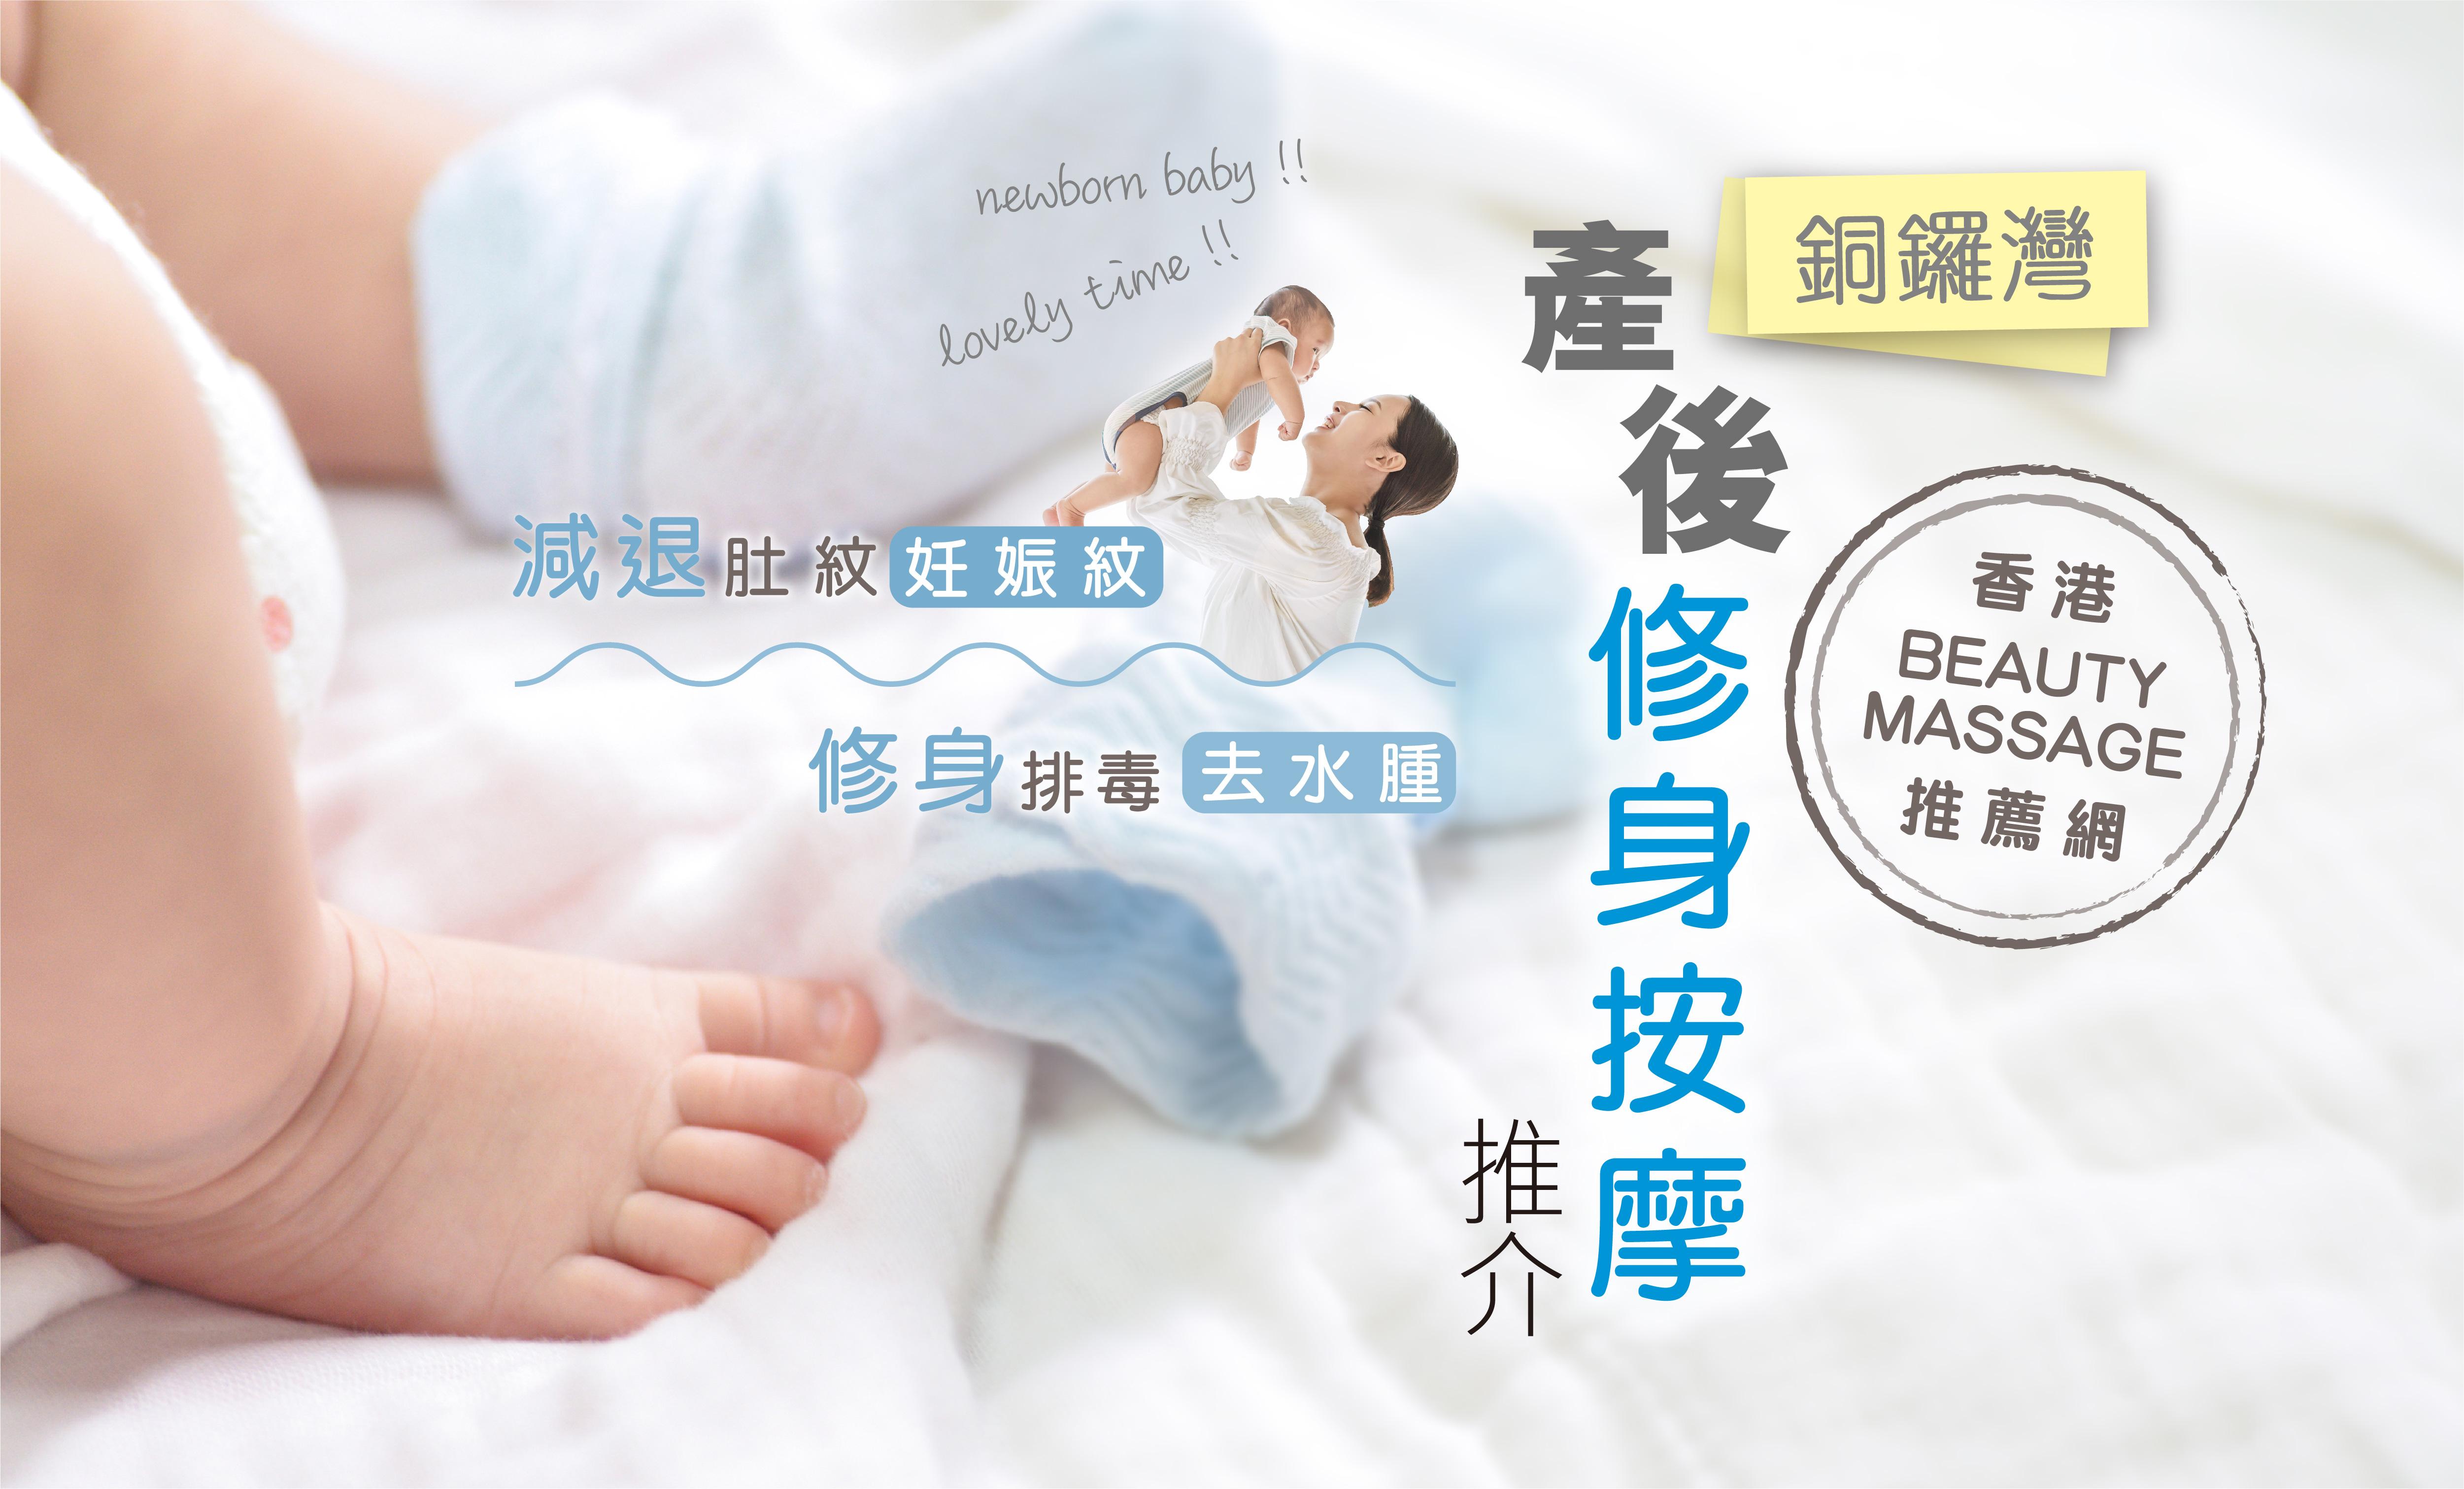 銅鑼灣產後修身按摩推介—香港Beauty Massage推薦網